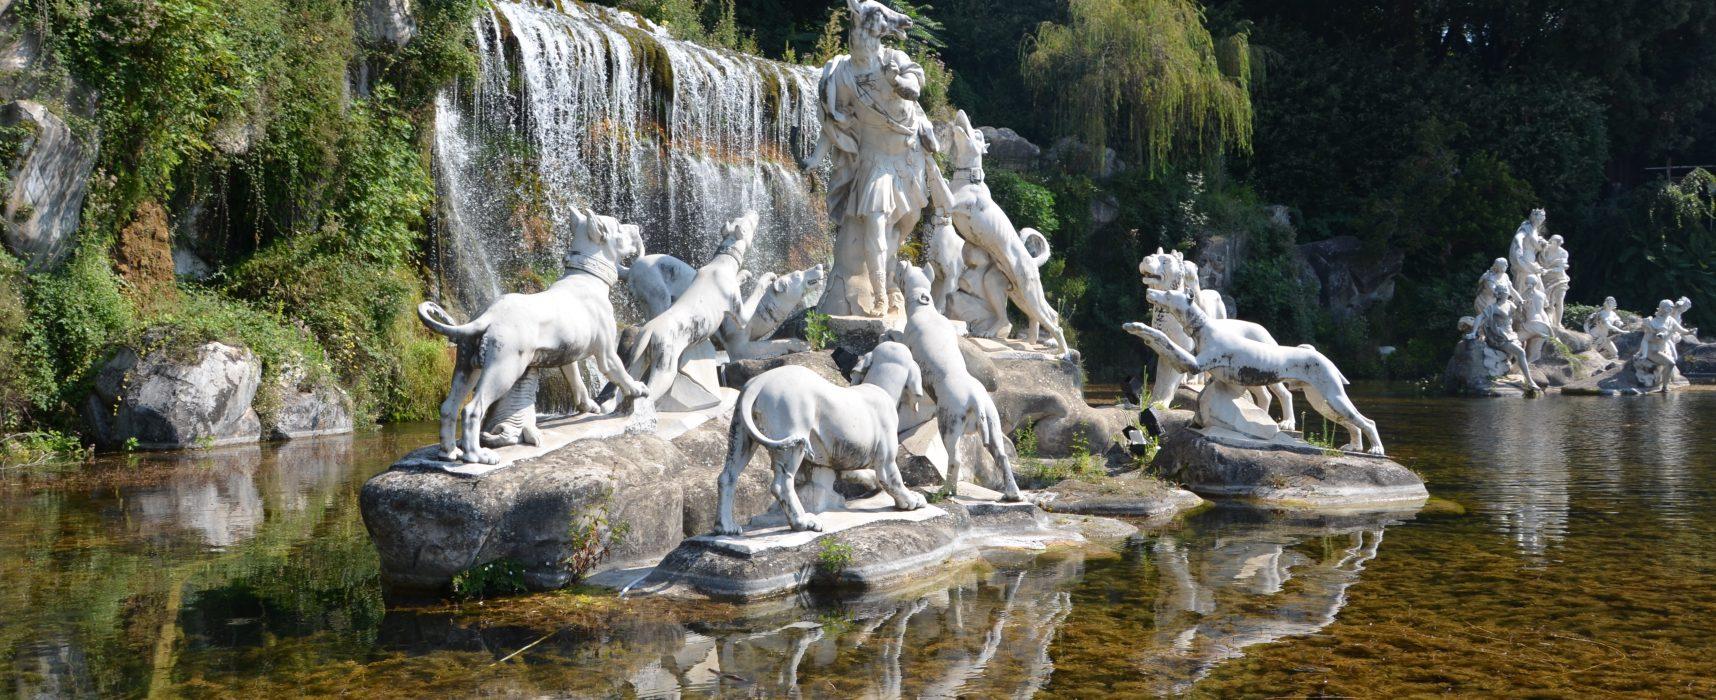 Giornate Europee del Patrimonio, tutti gli eventi in Campania